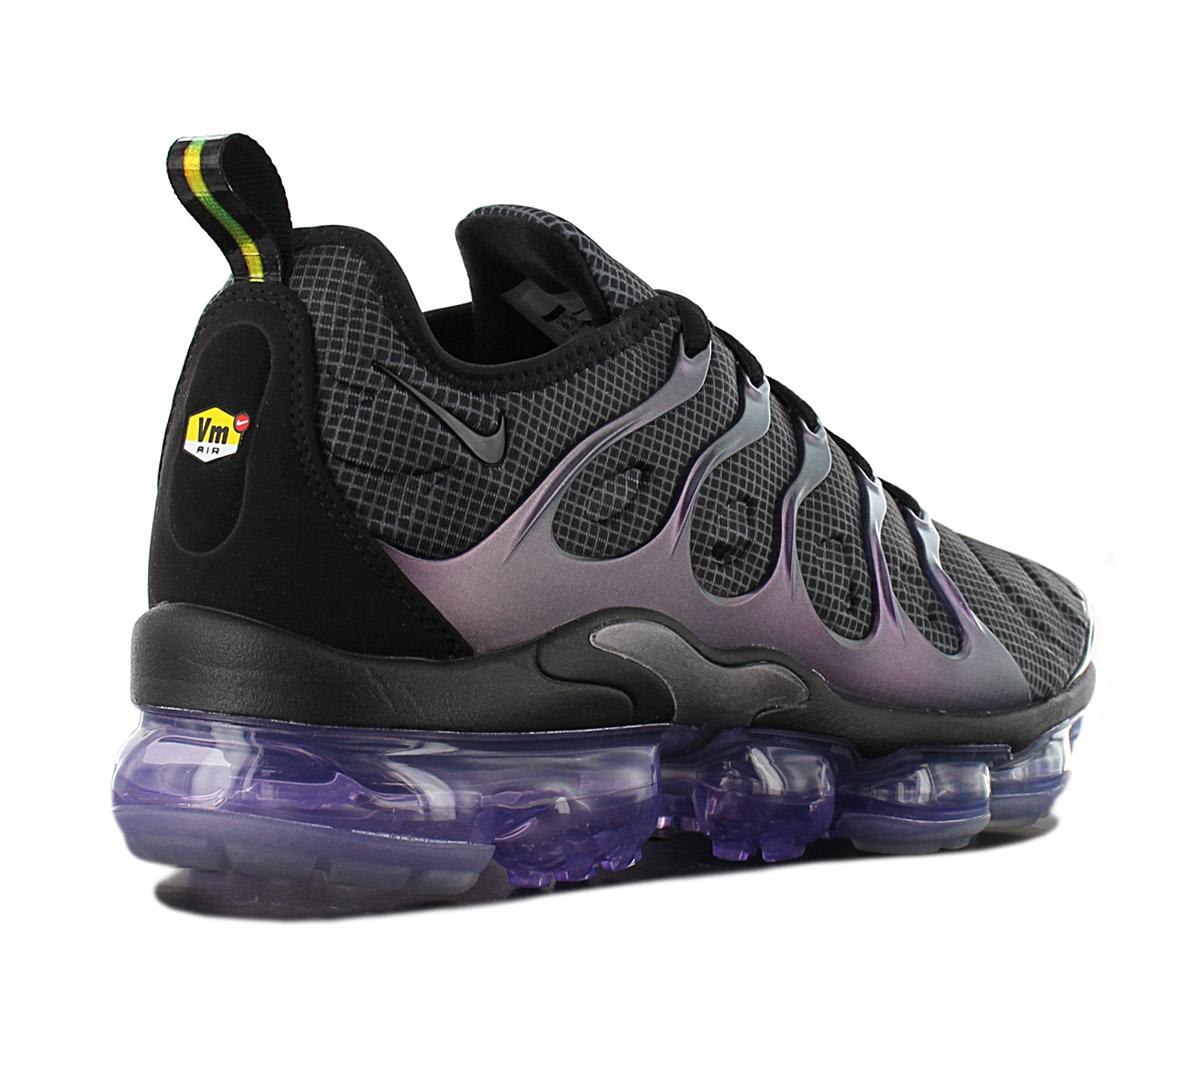 4d49a3dd219 Nike Air Vapormax plus TN - Eggplant - 924453-014 Men s Sneakers ...